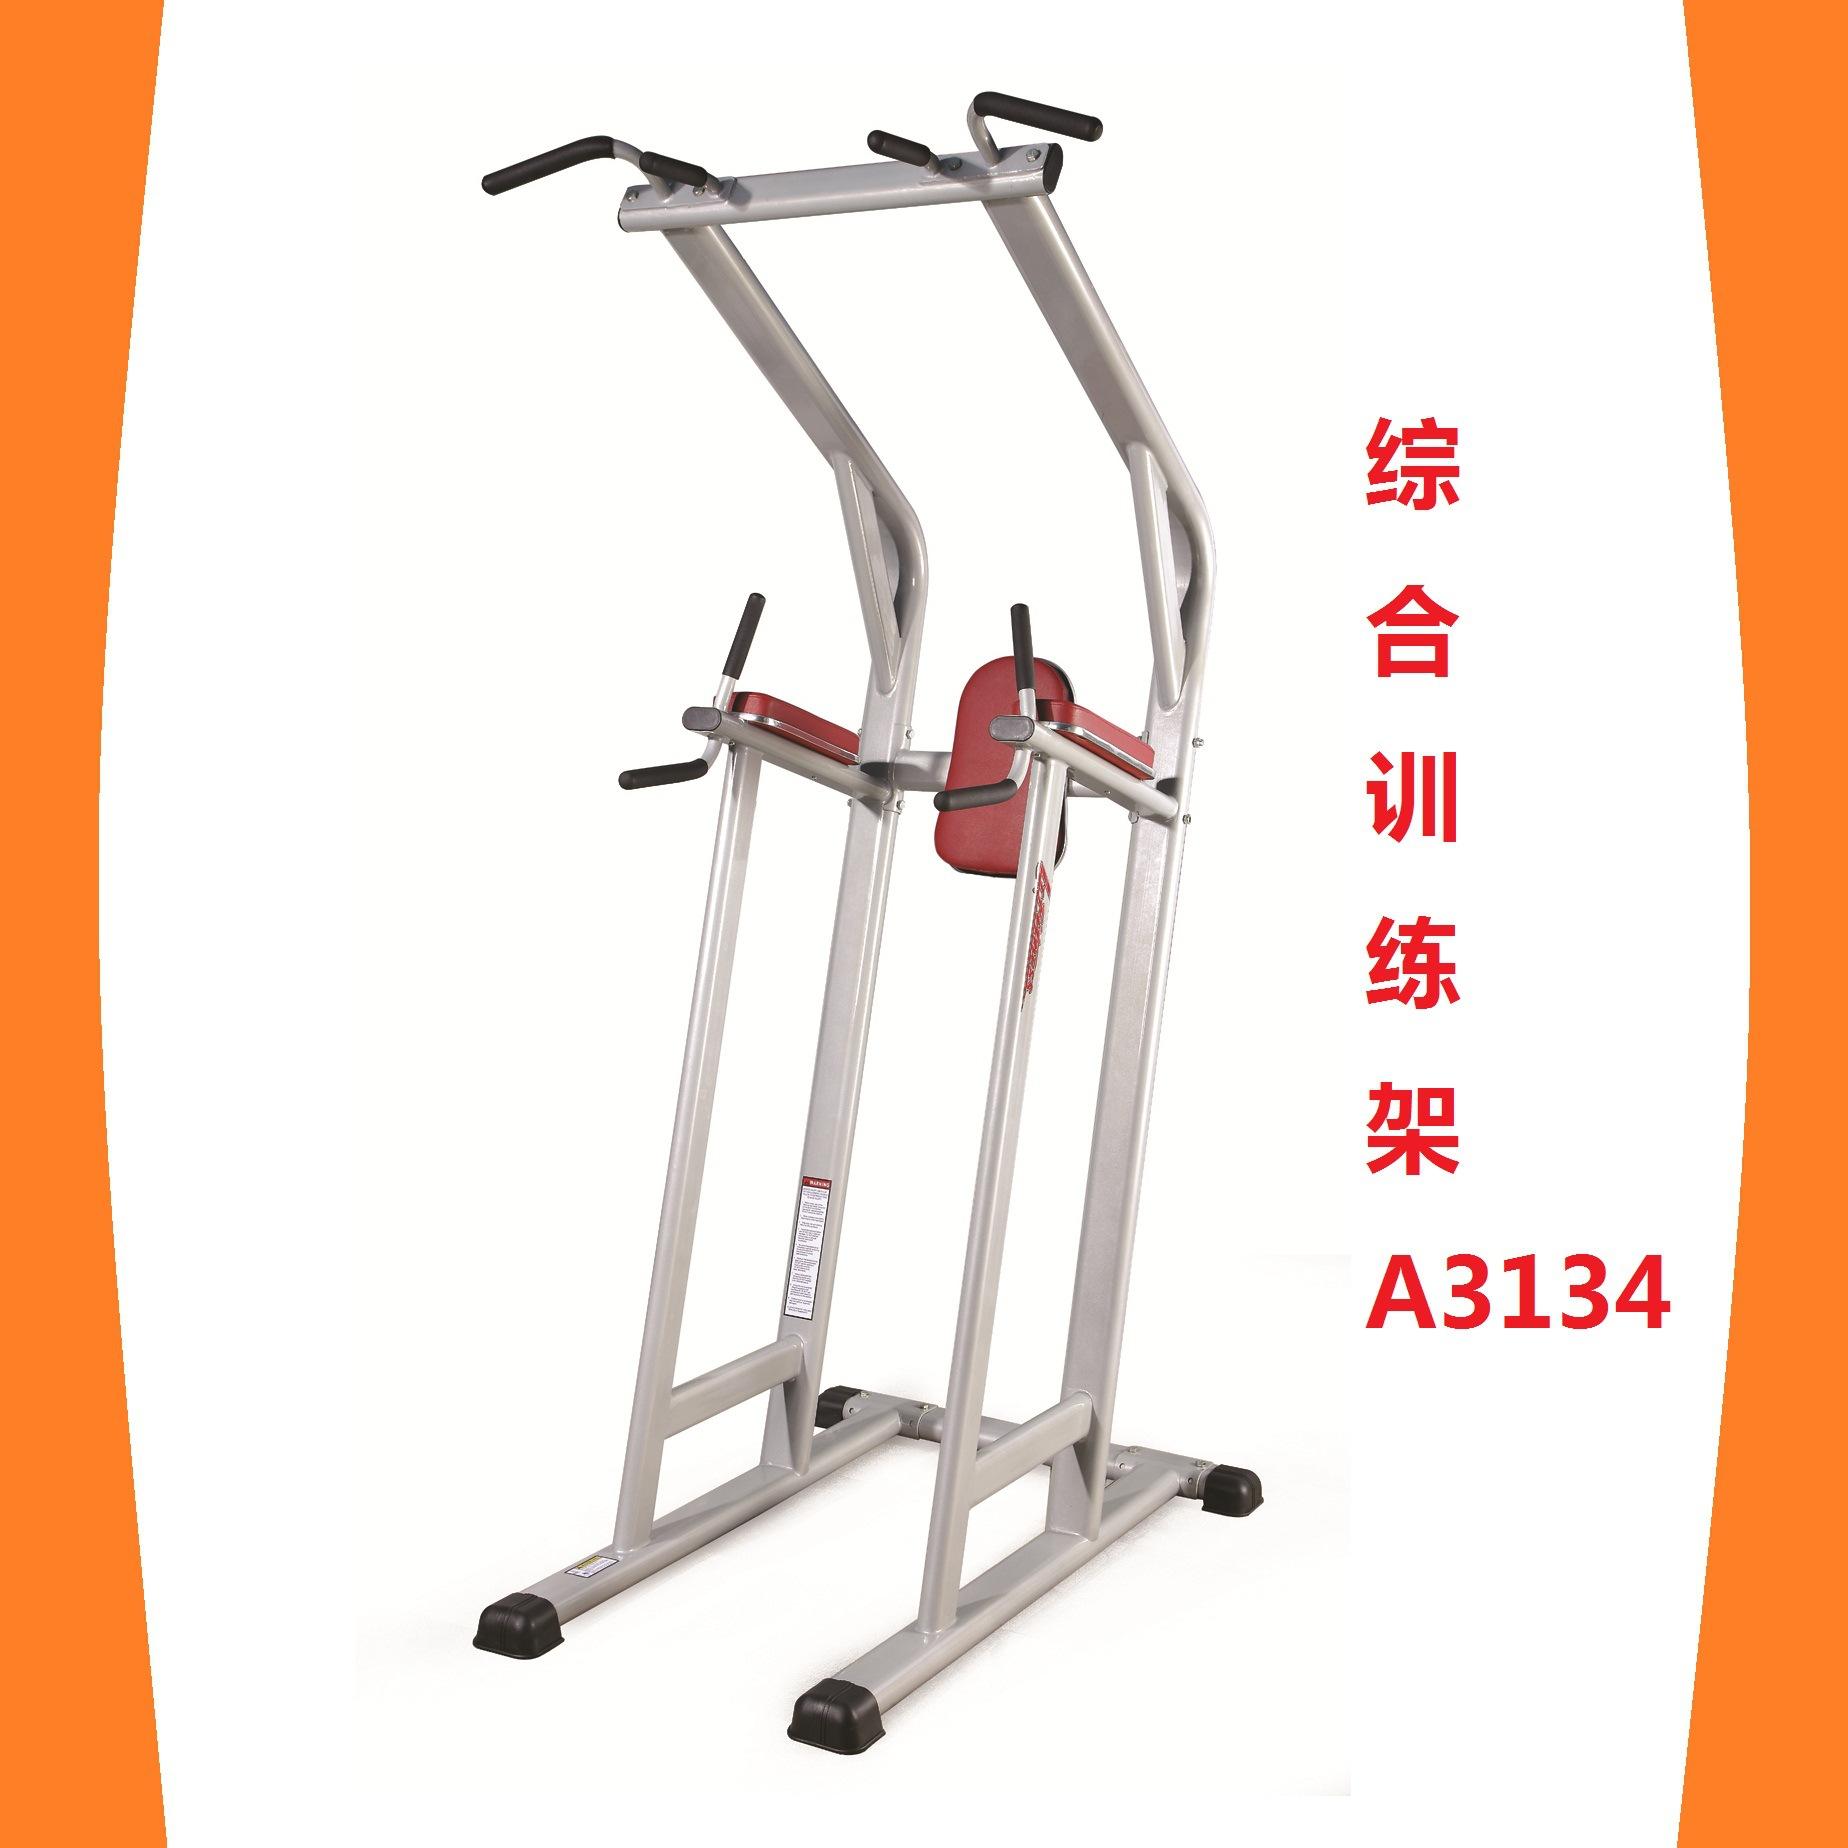 厂家供应商用力量型肌肉拉伸器 室内运动健身器材可混批